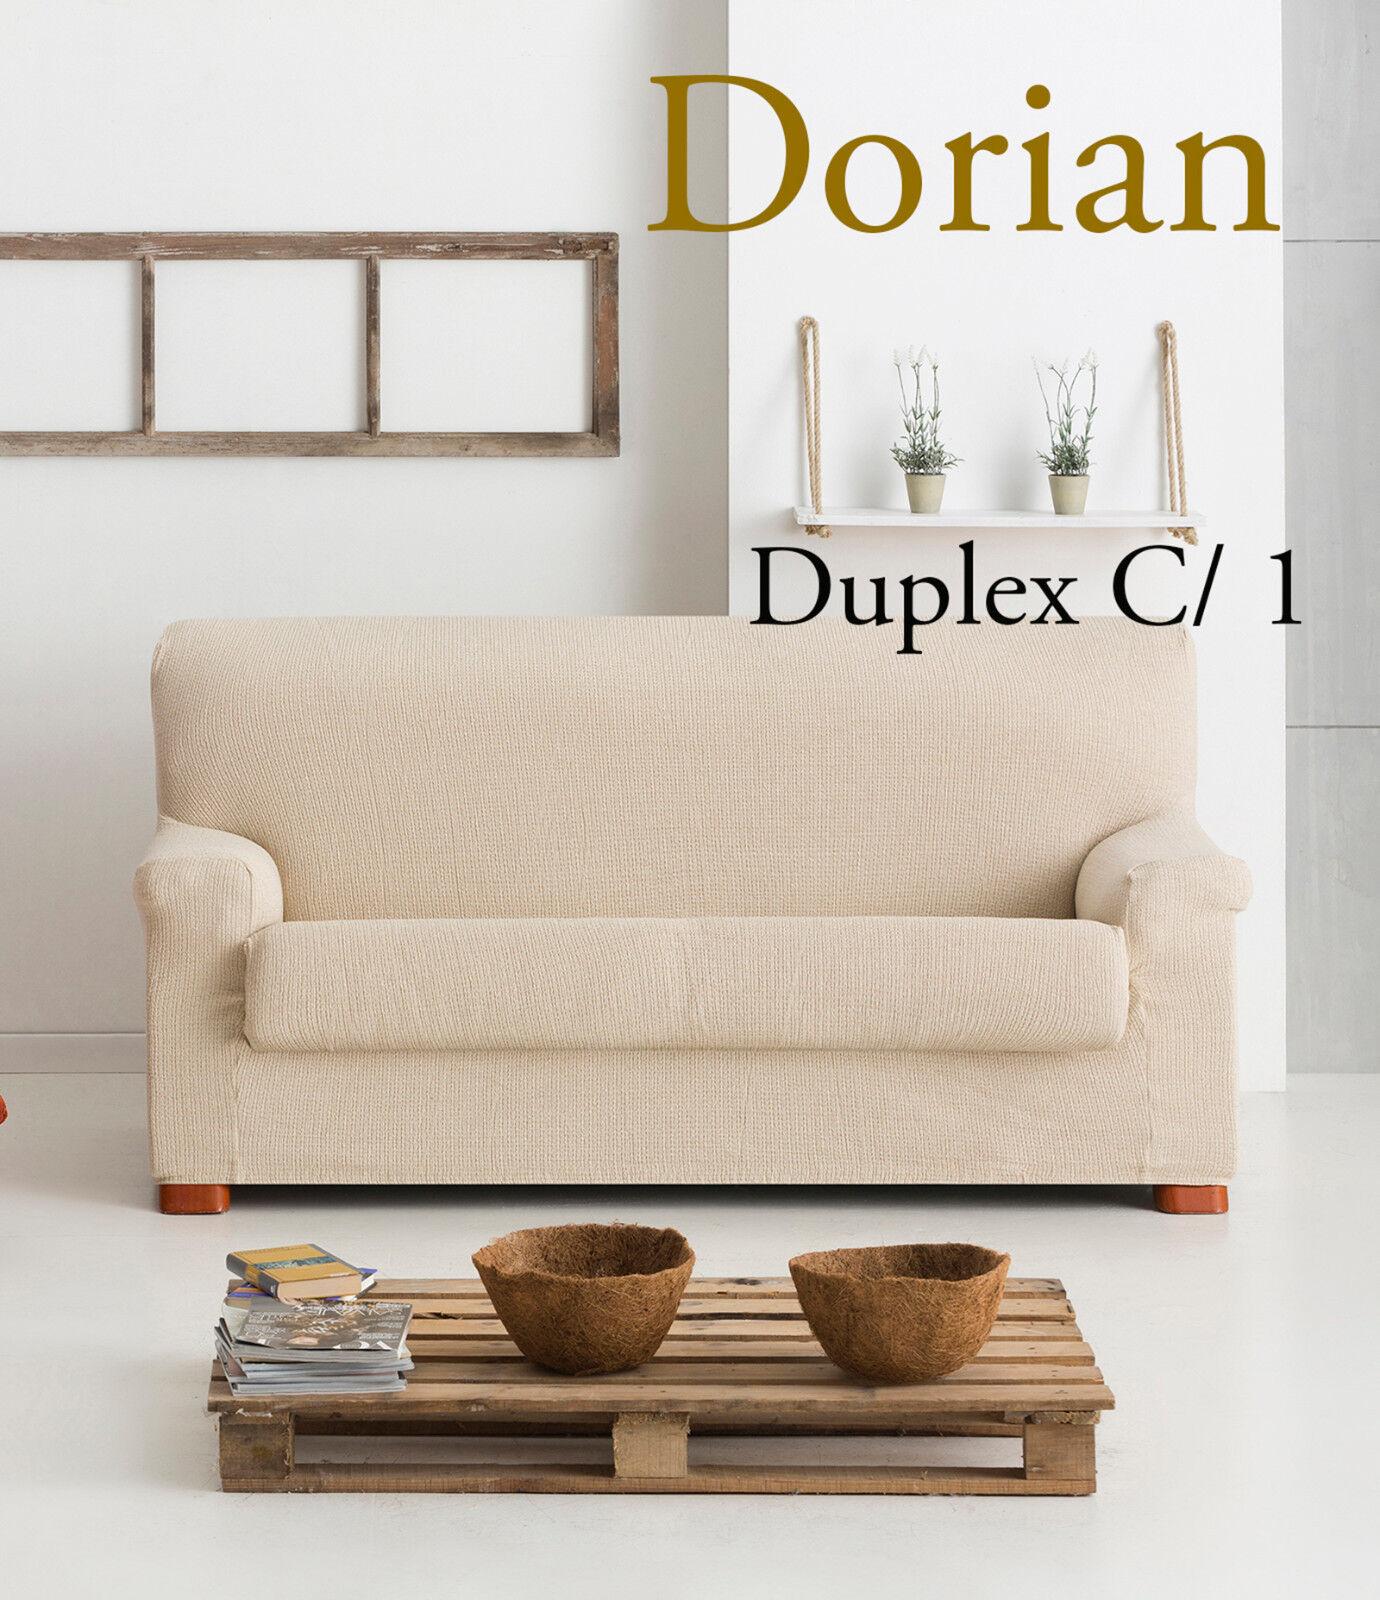 Funda de sofá duplex cojin separado bielsatica Dorian Eysa fundas 1,2,3 plazas